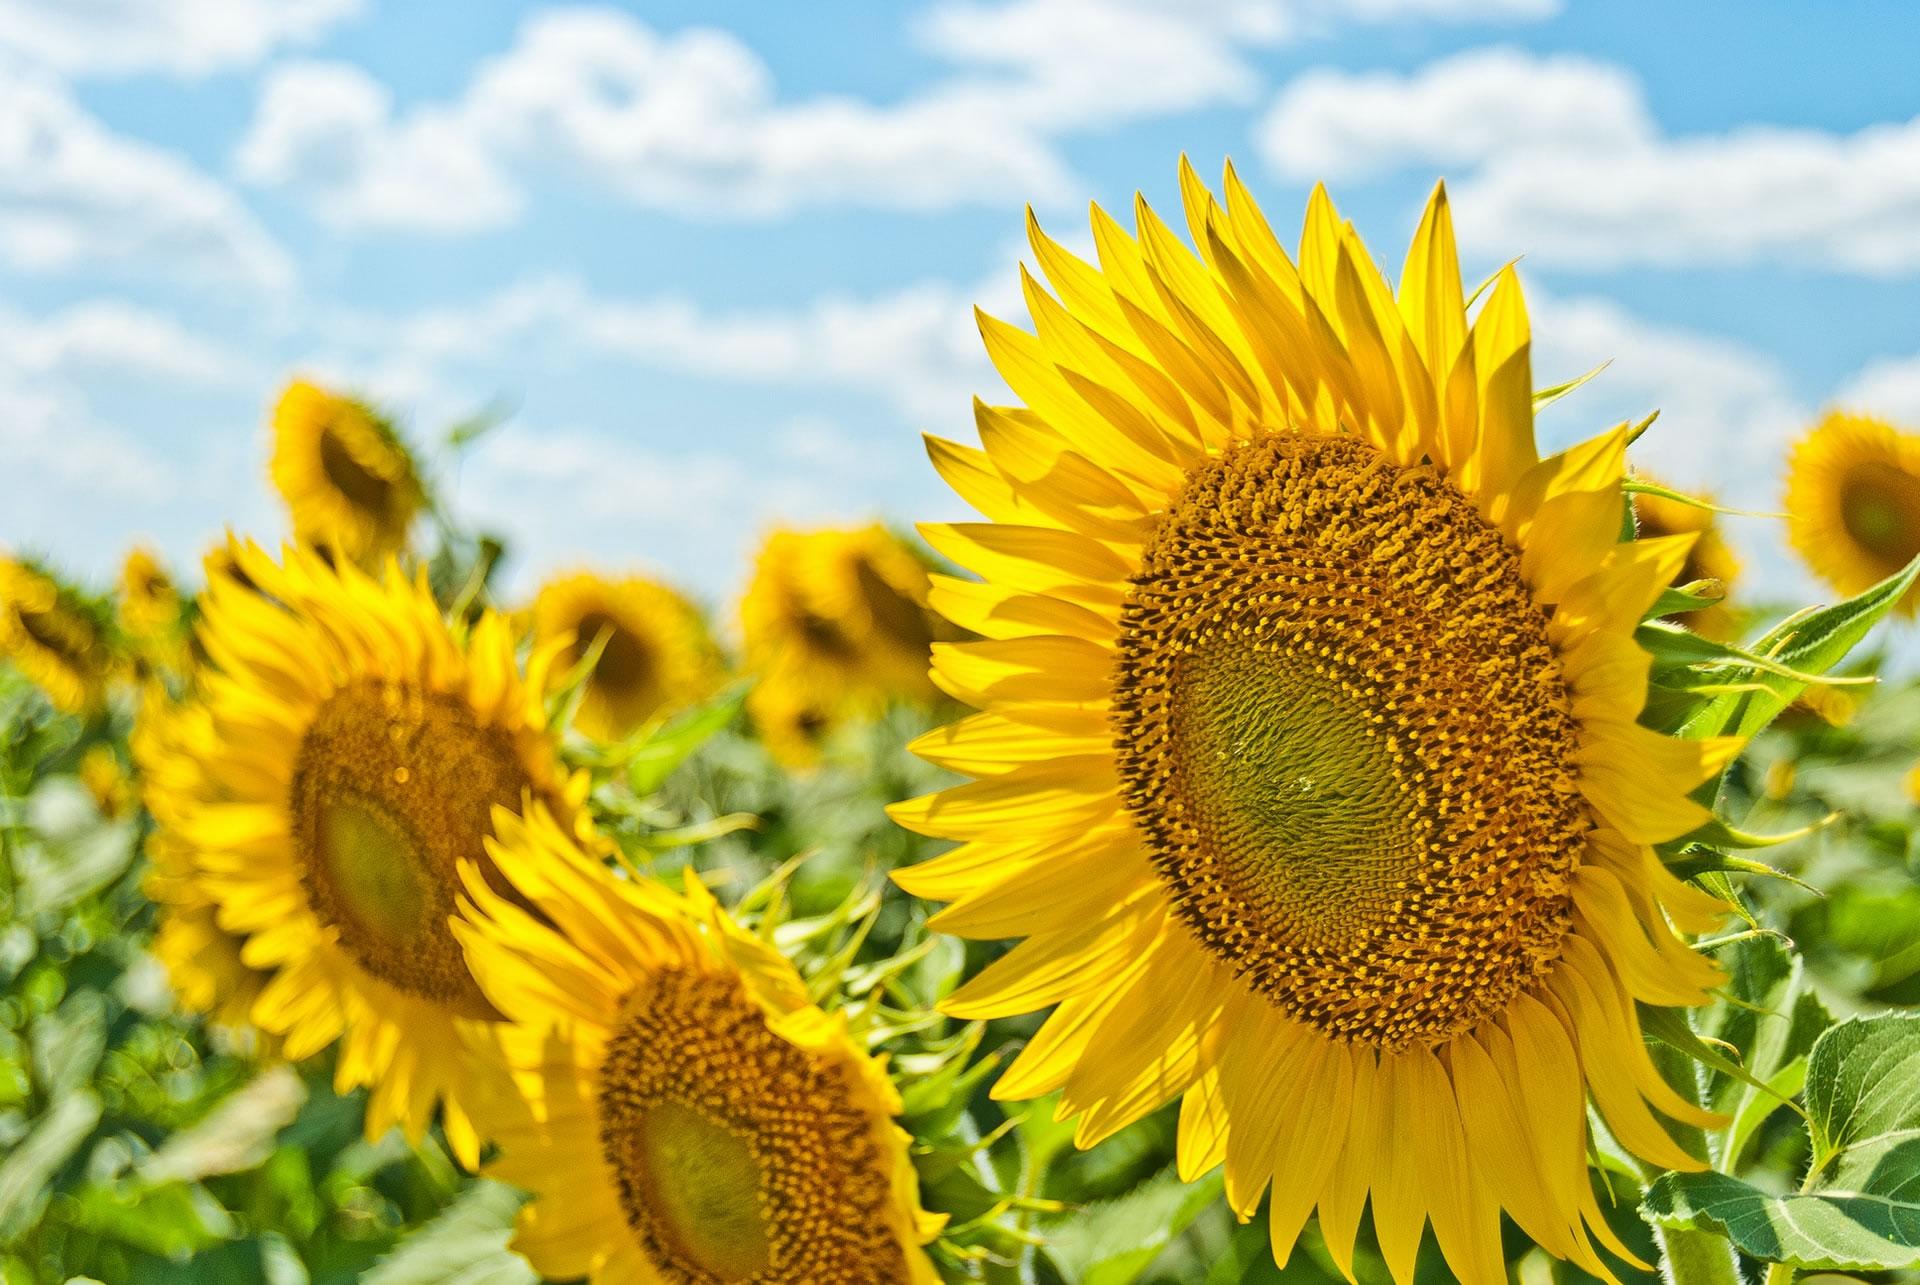 download wallpaper: zonnebloemen wallpaper